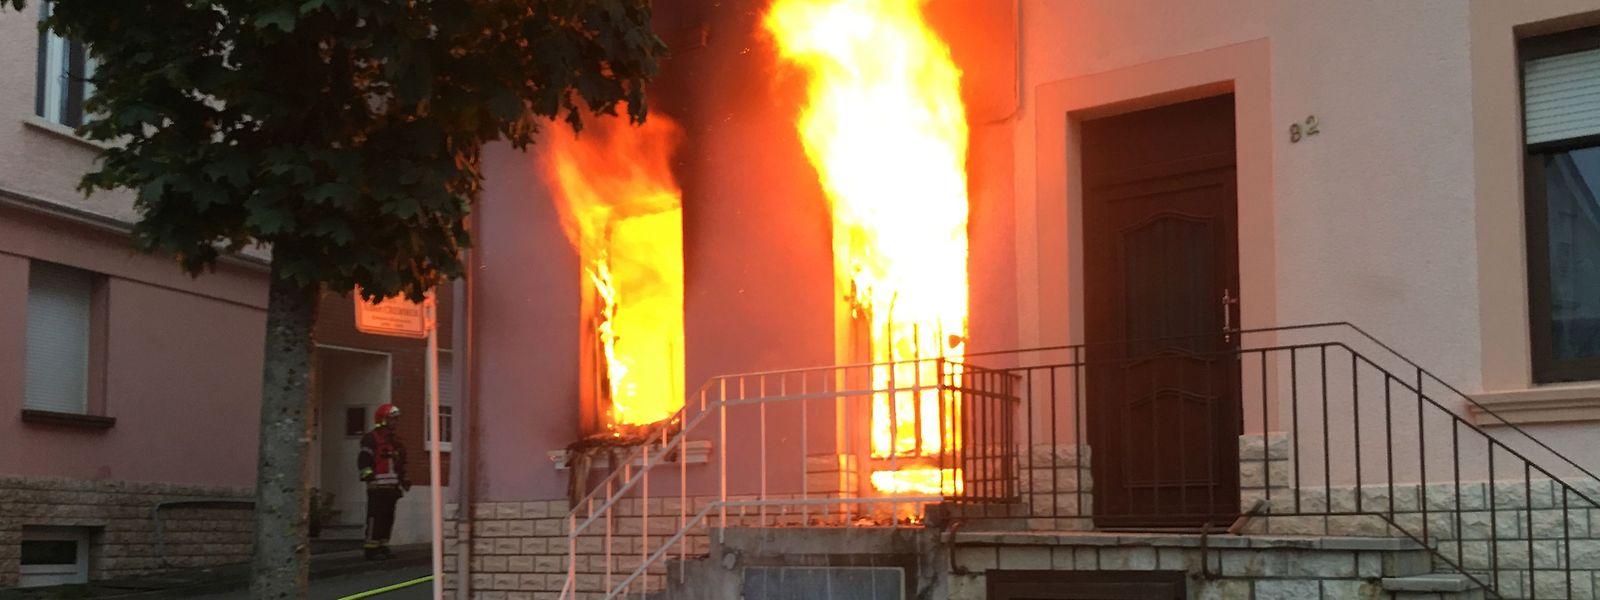 Meterhohe Flammen schlugen aus diesem Haus in Düdelingen.